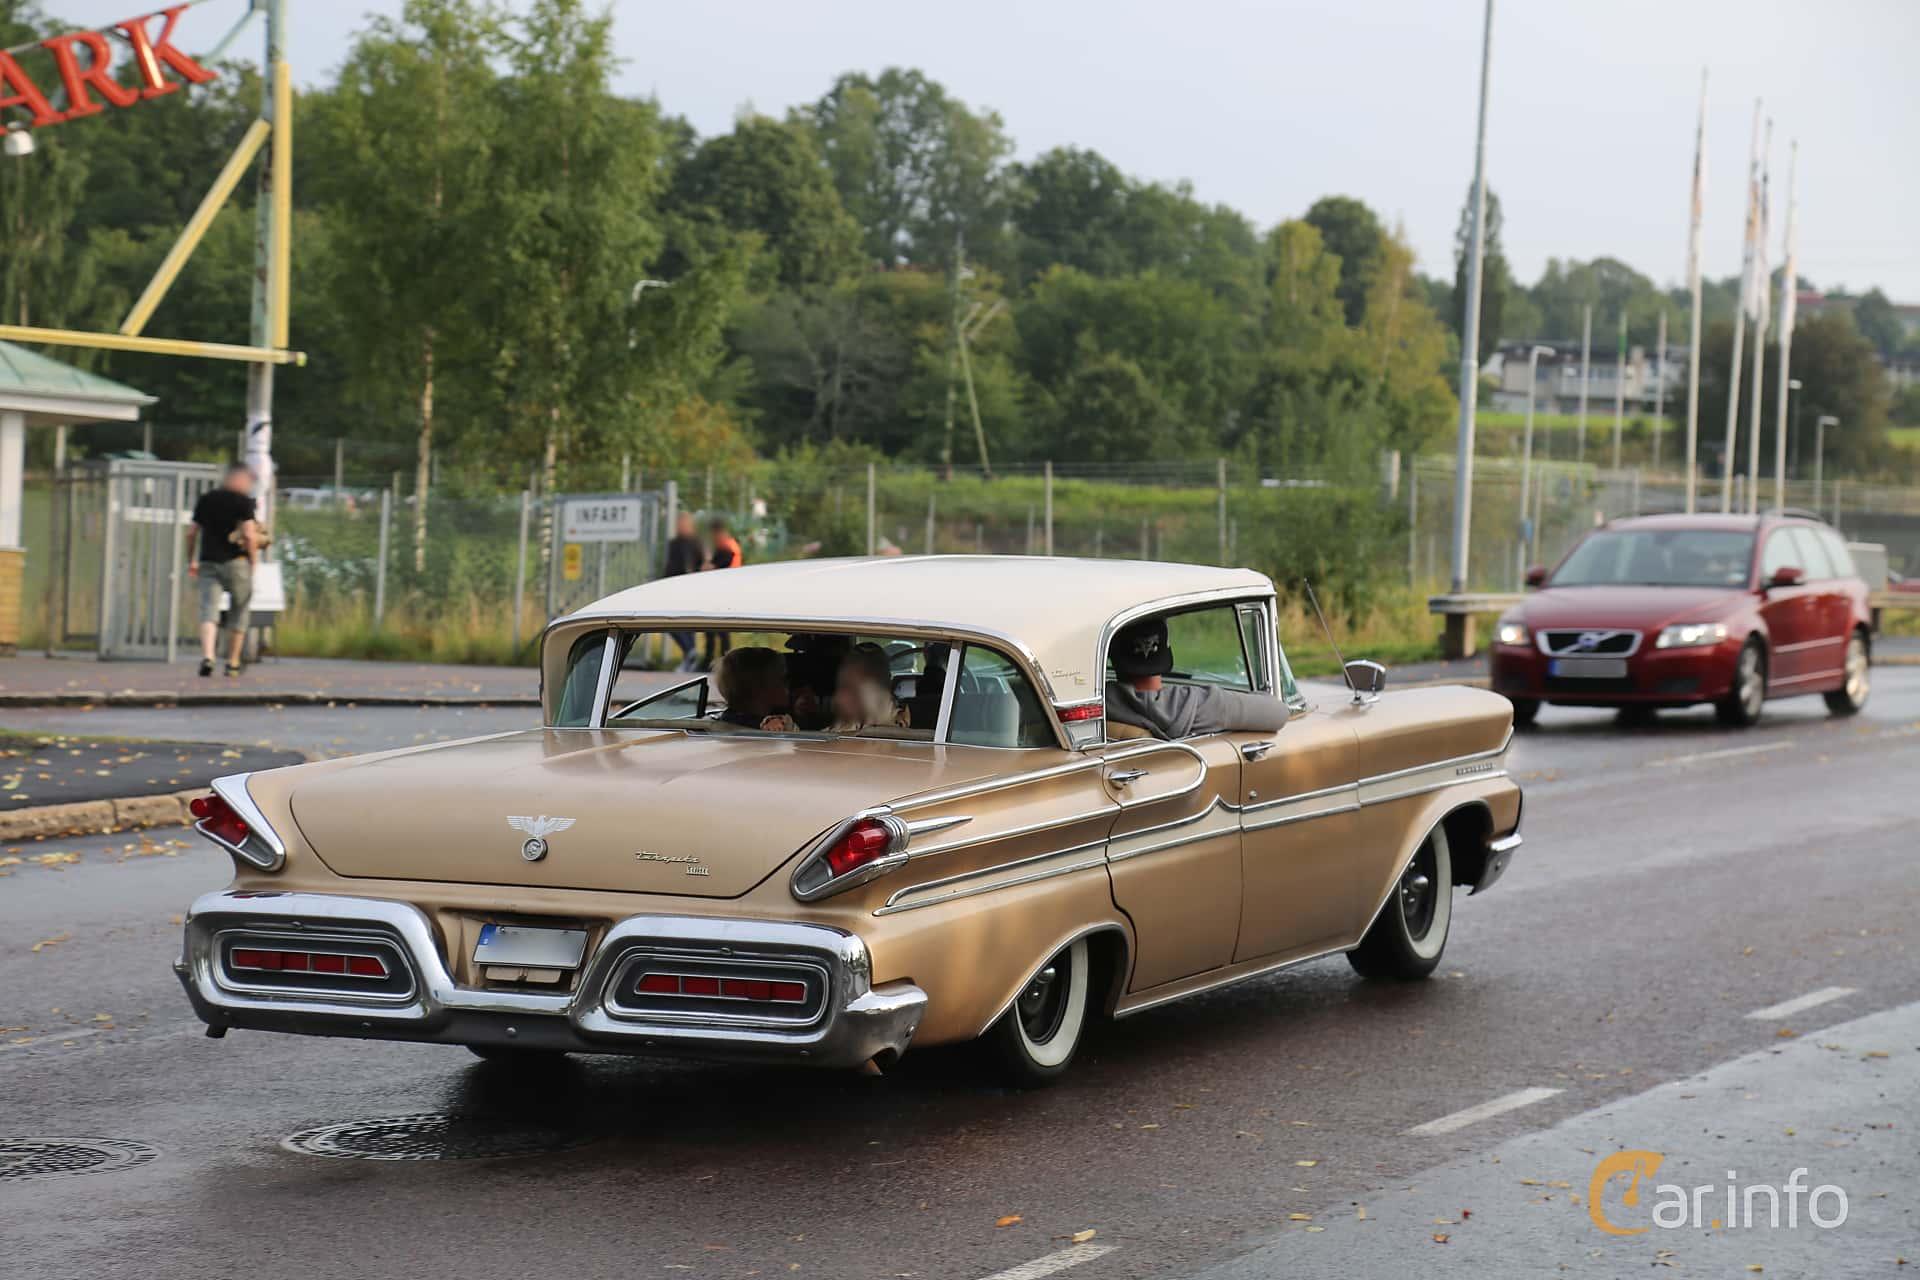 Back/Side of Mercury Turnpike Cruiser Sedan 6.3 V8 Hydra-Matic, 1958 at Bil & MC-träffar i Huskvarna Folkets Park 2019 Amerikanska fordon